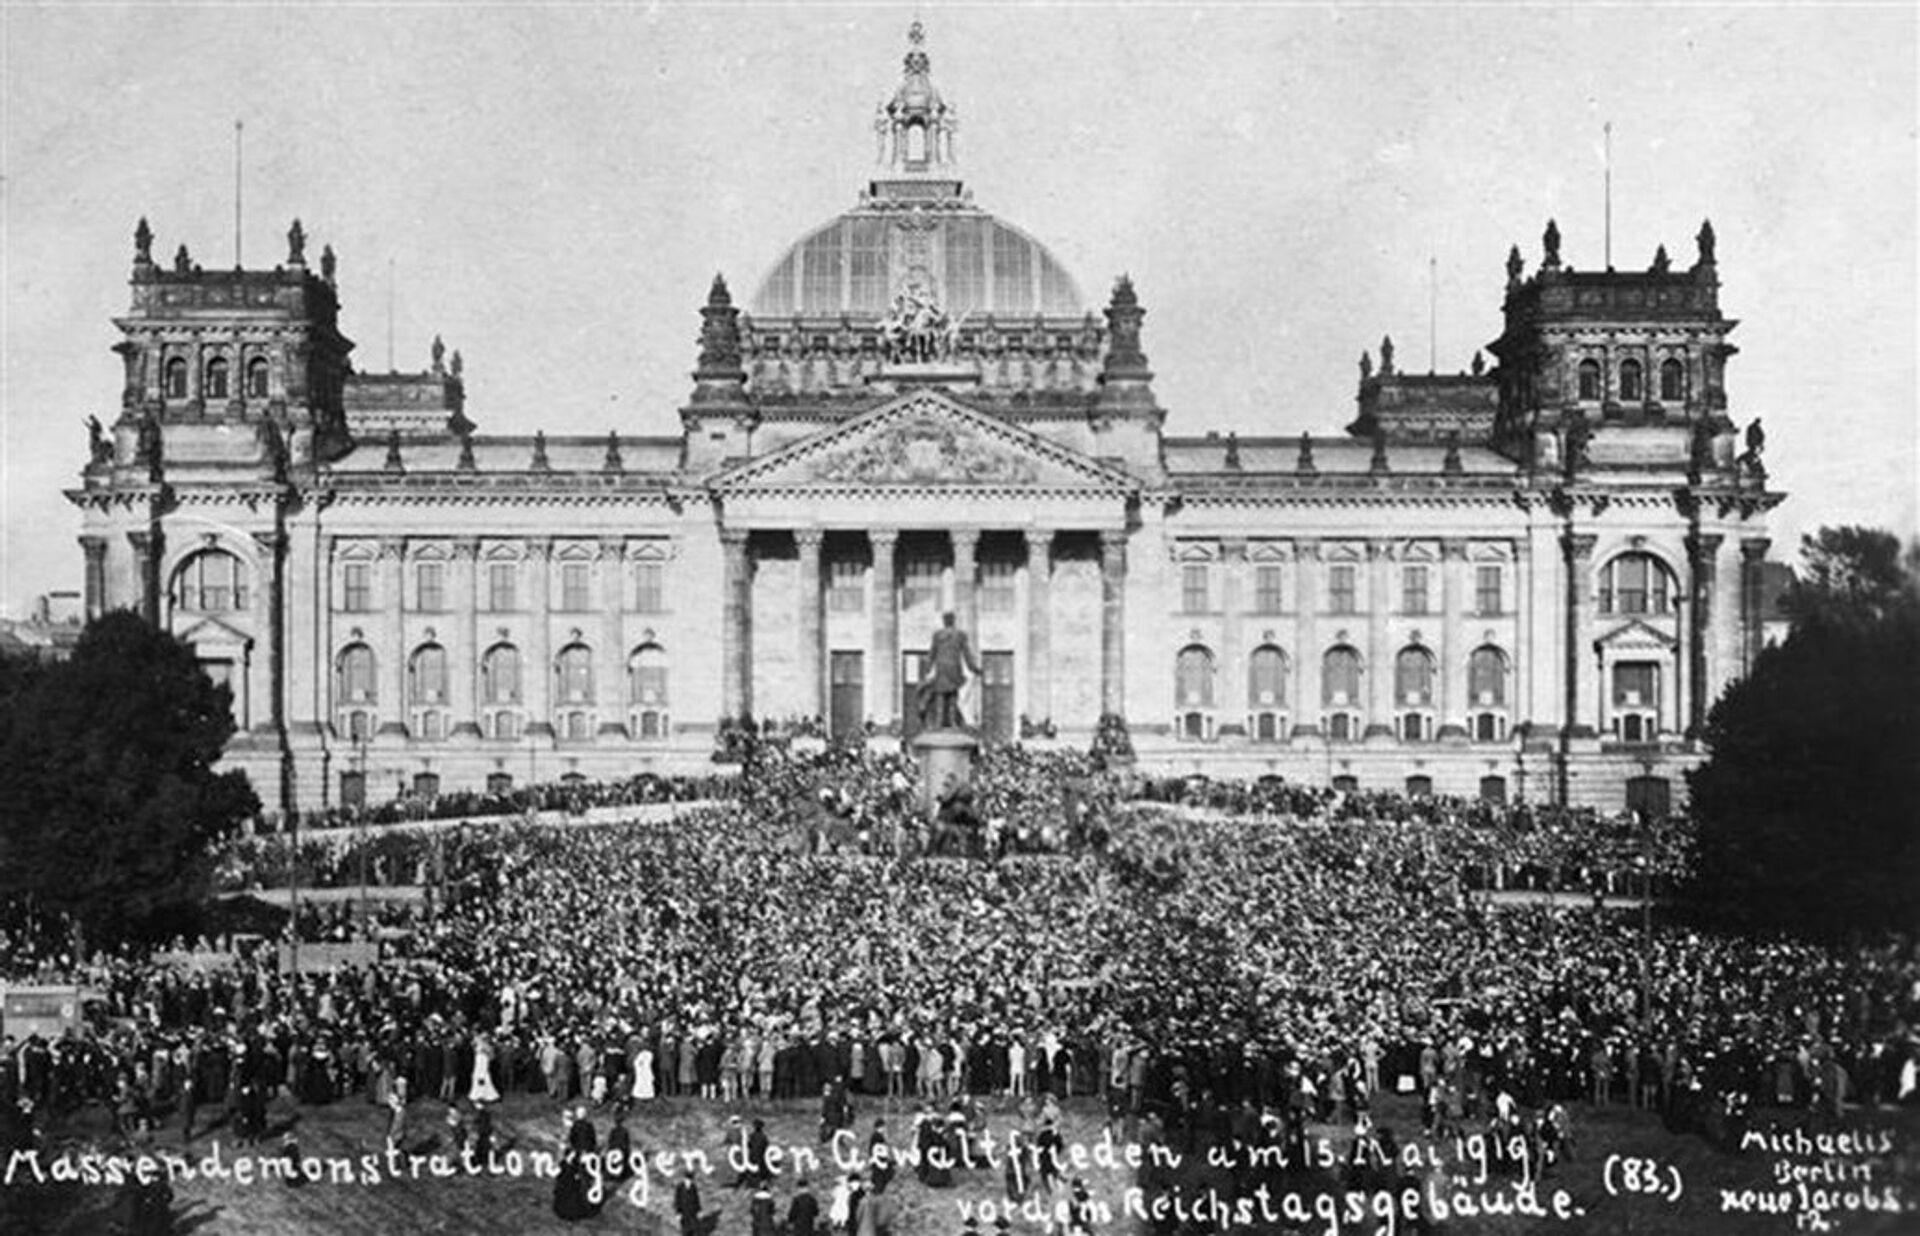 Массовые демонстрации перед зданием Рейхстаг против подписания Версальского мирного договора  - РИА Новости, 1920, 06.11.2020